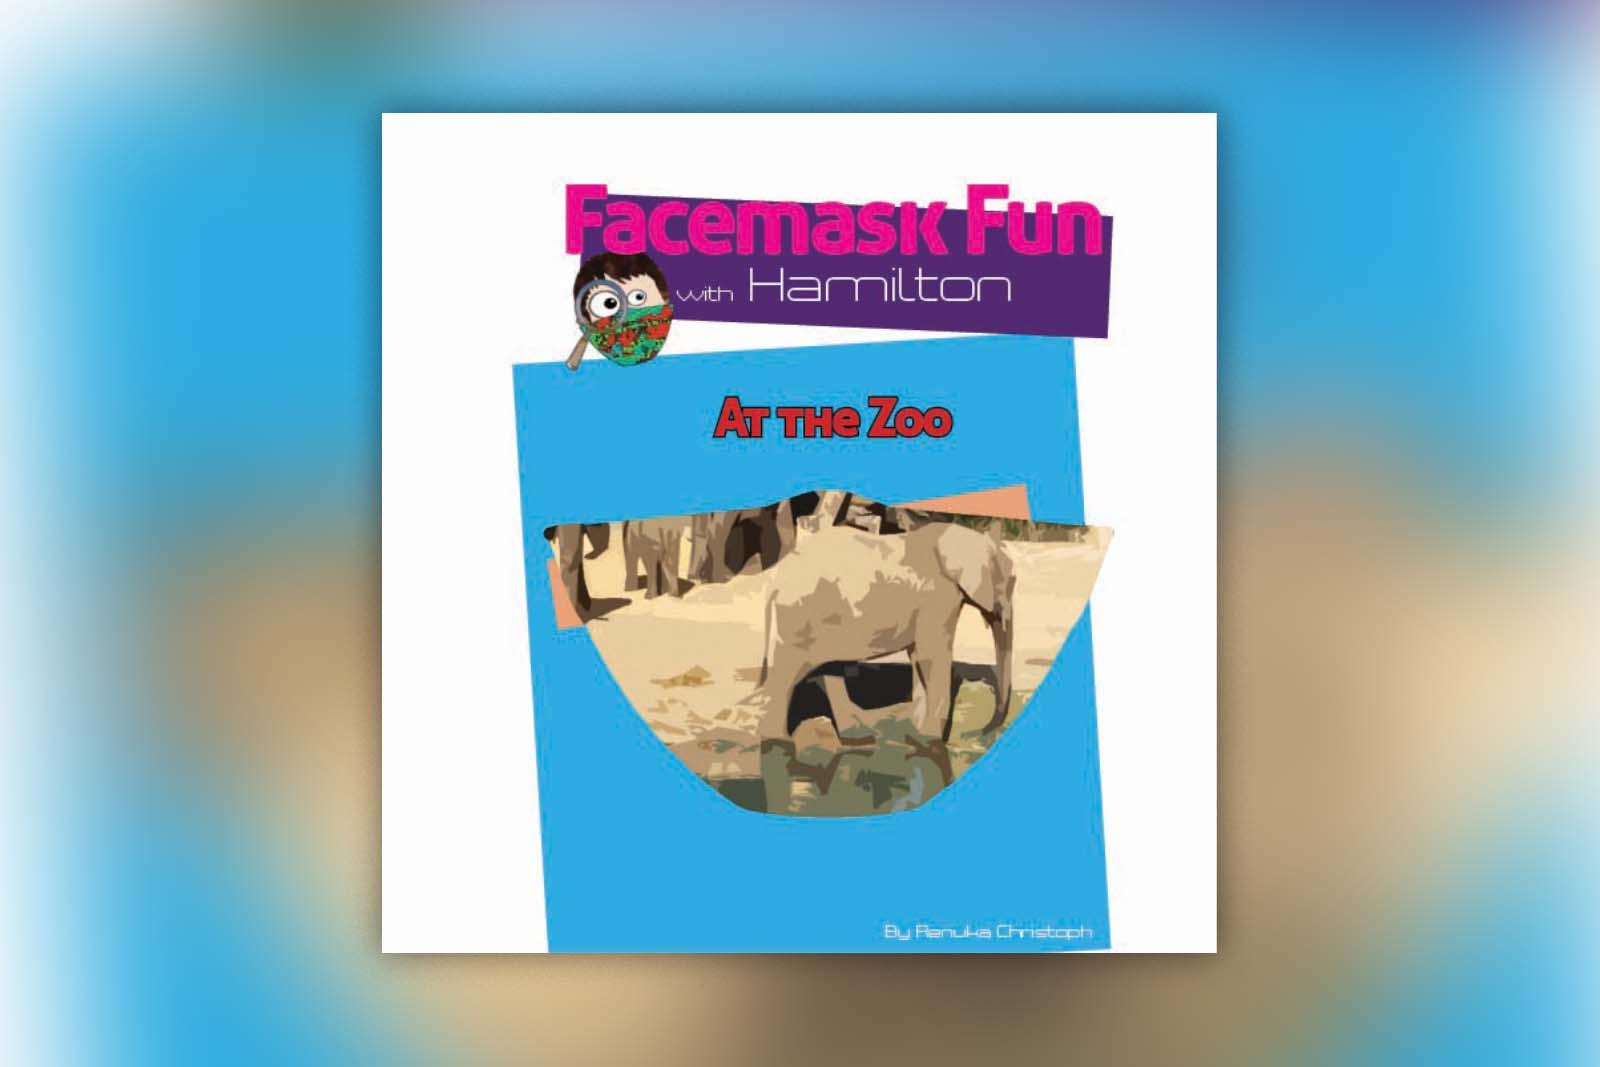 Facemask fun book cover